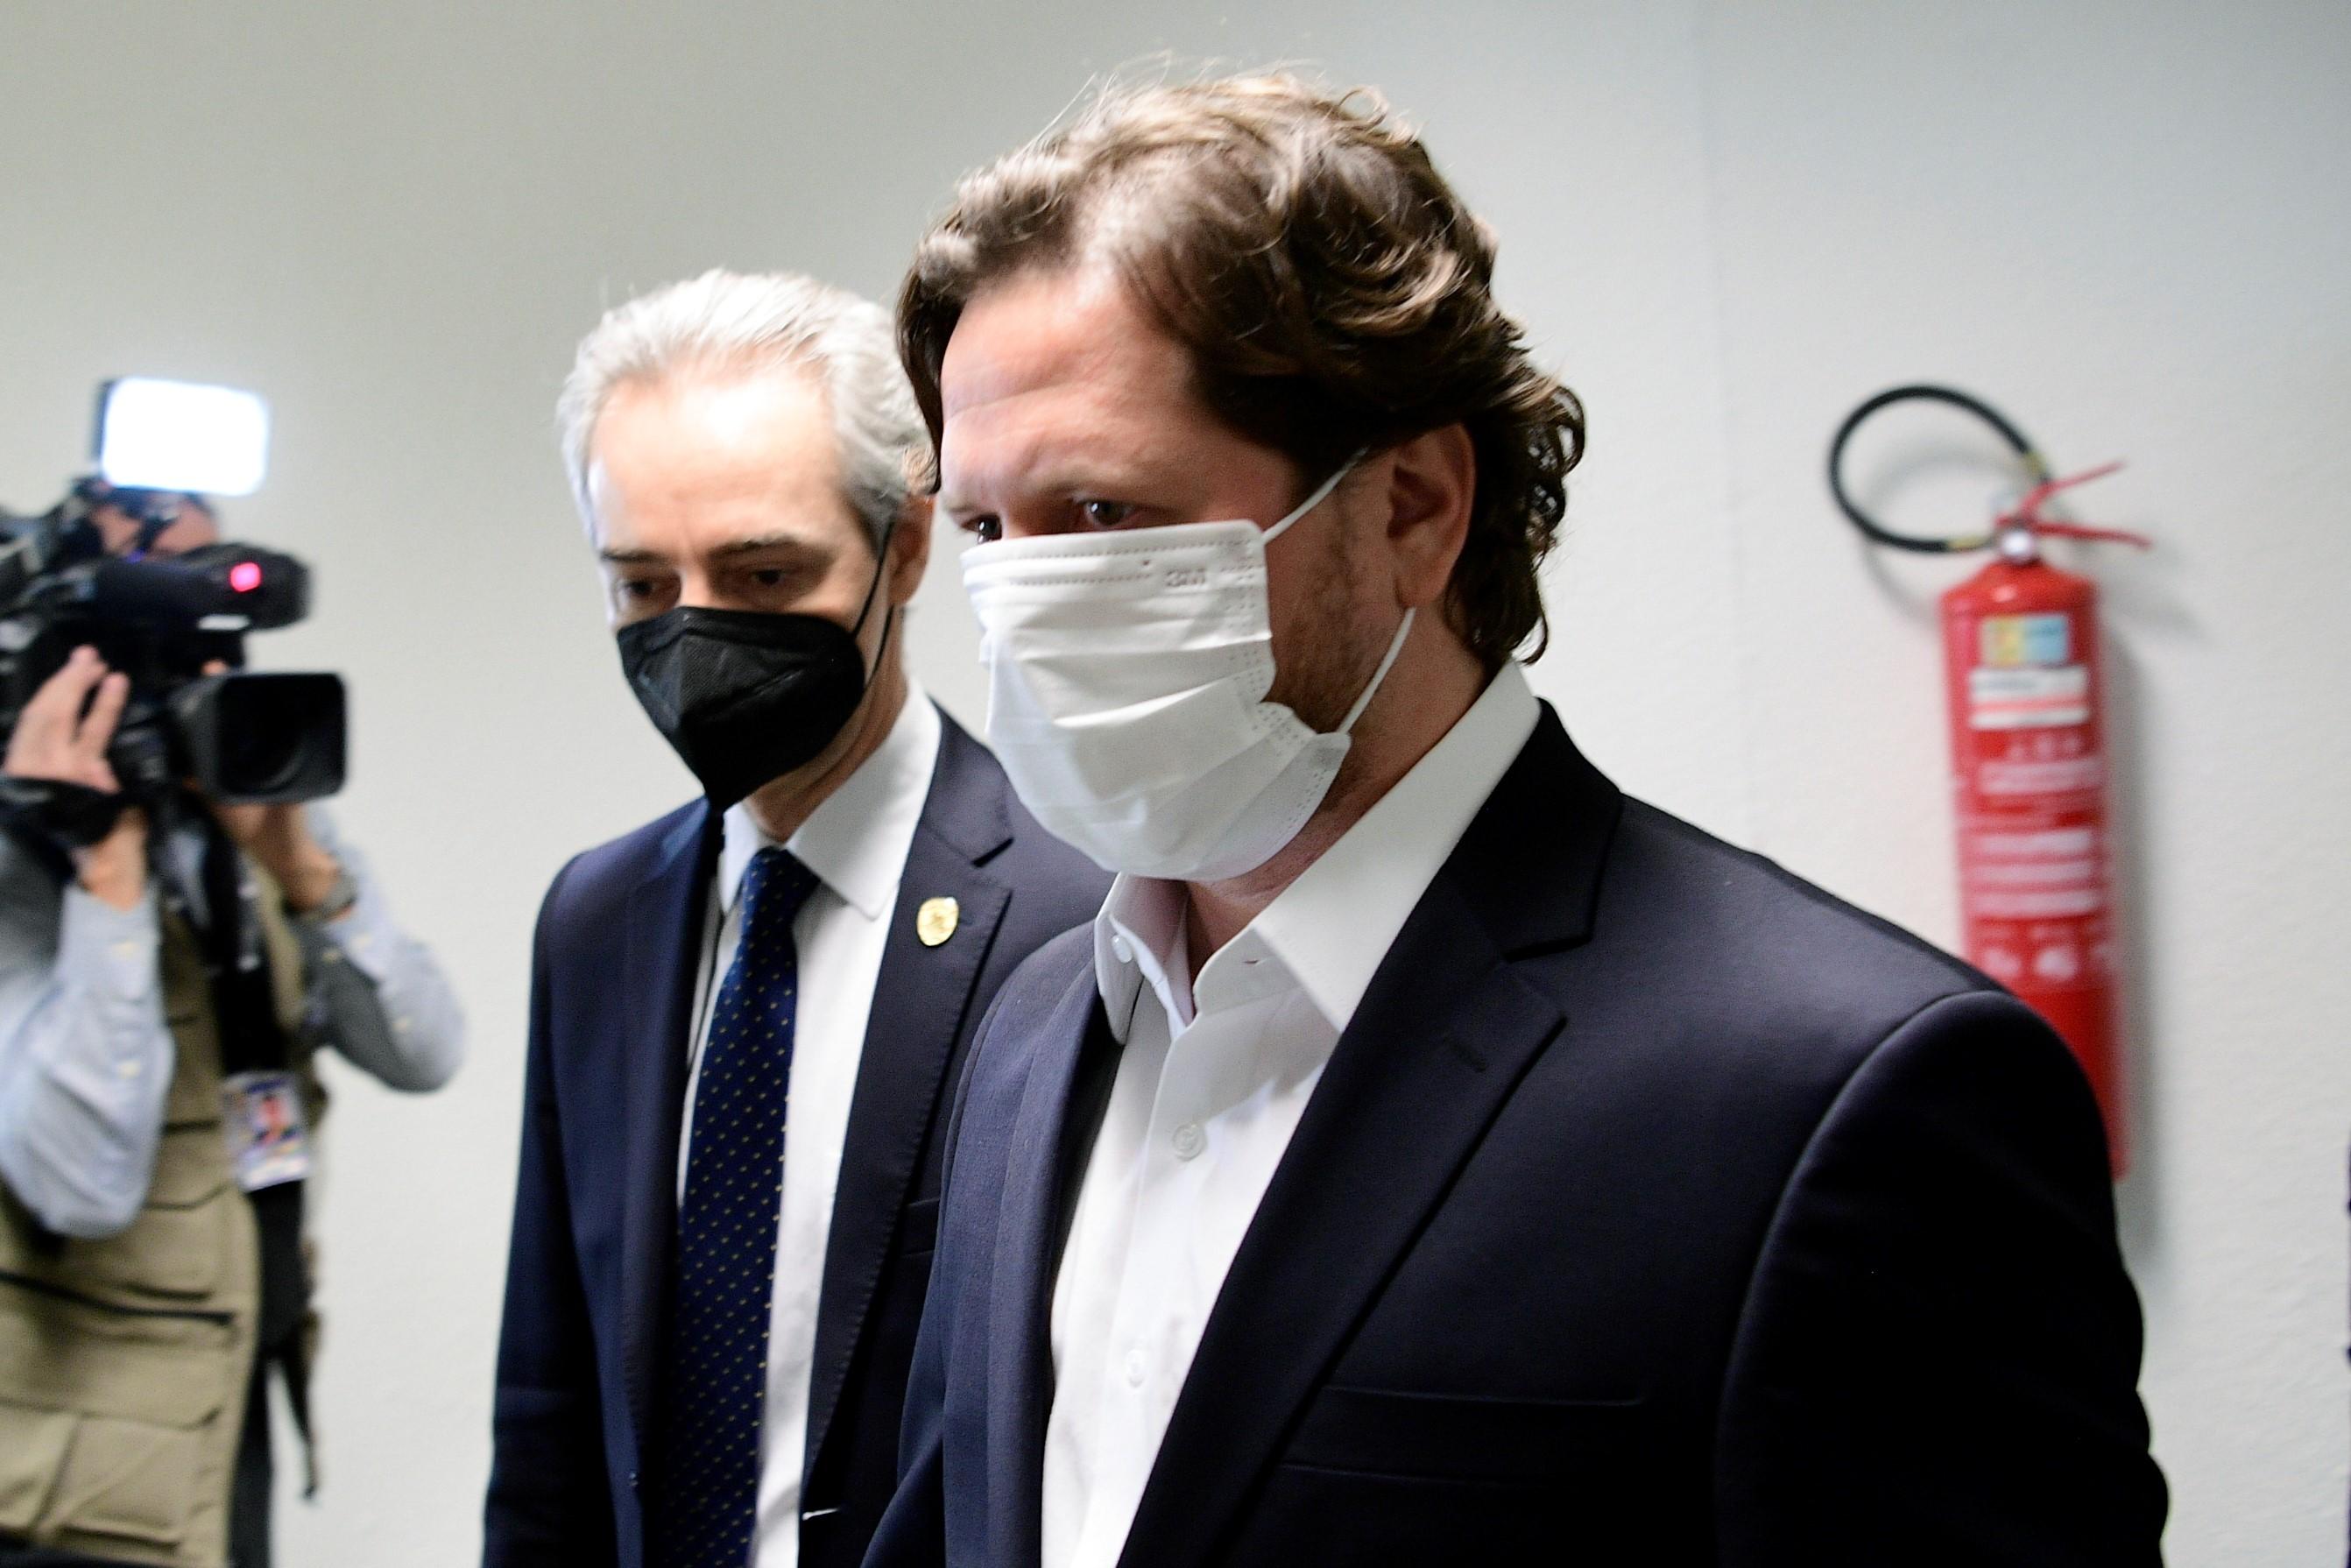 IMAGEM: Trento admite que esteve em eventos com família Bolsonaro